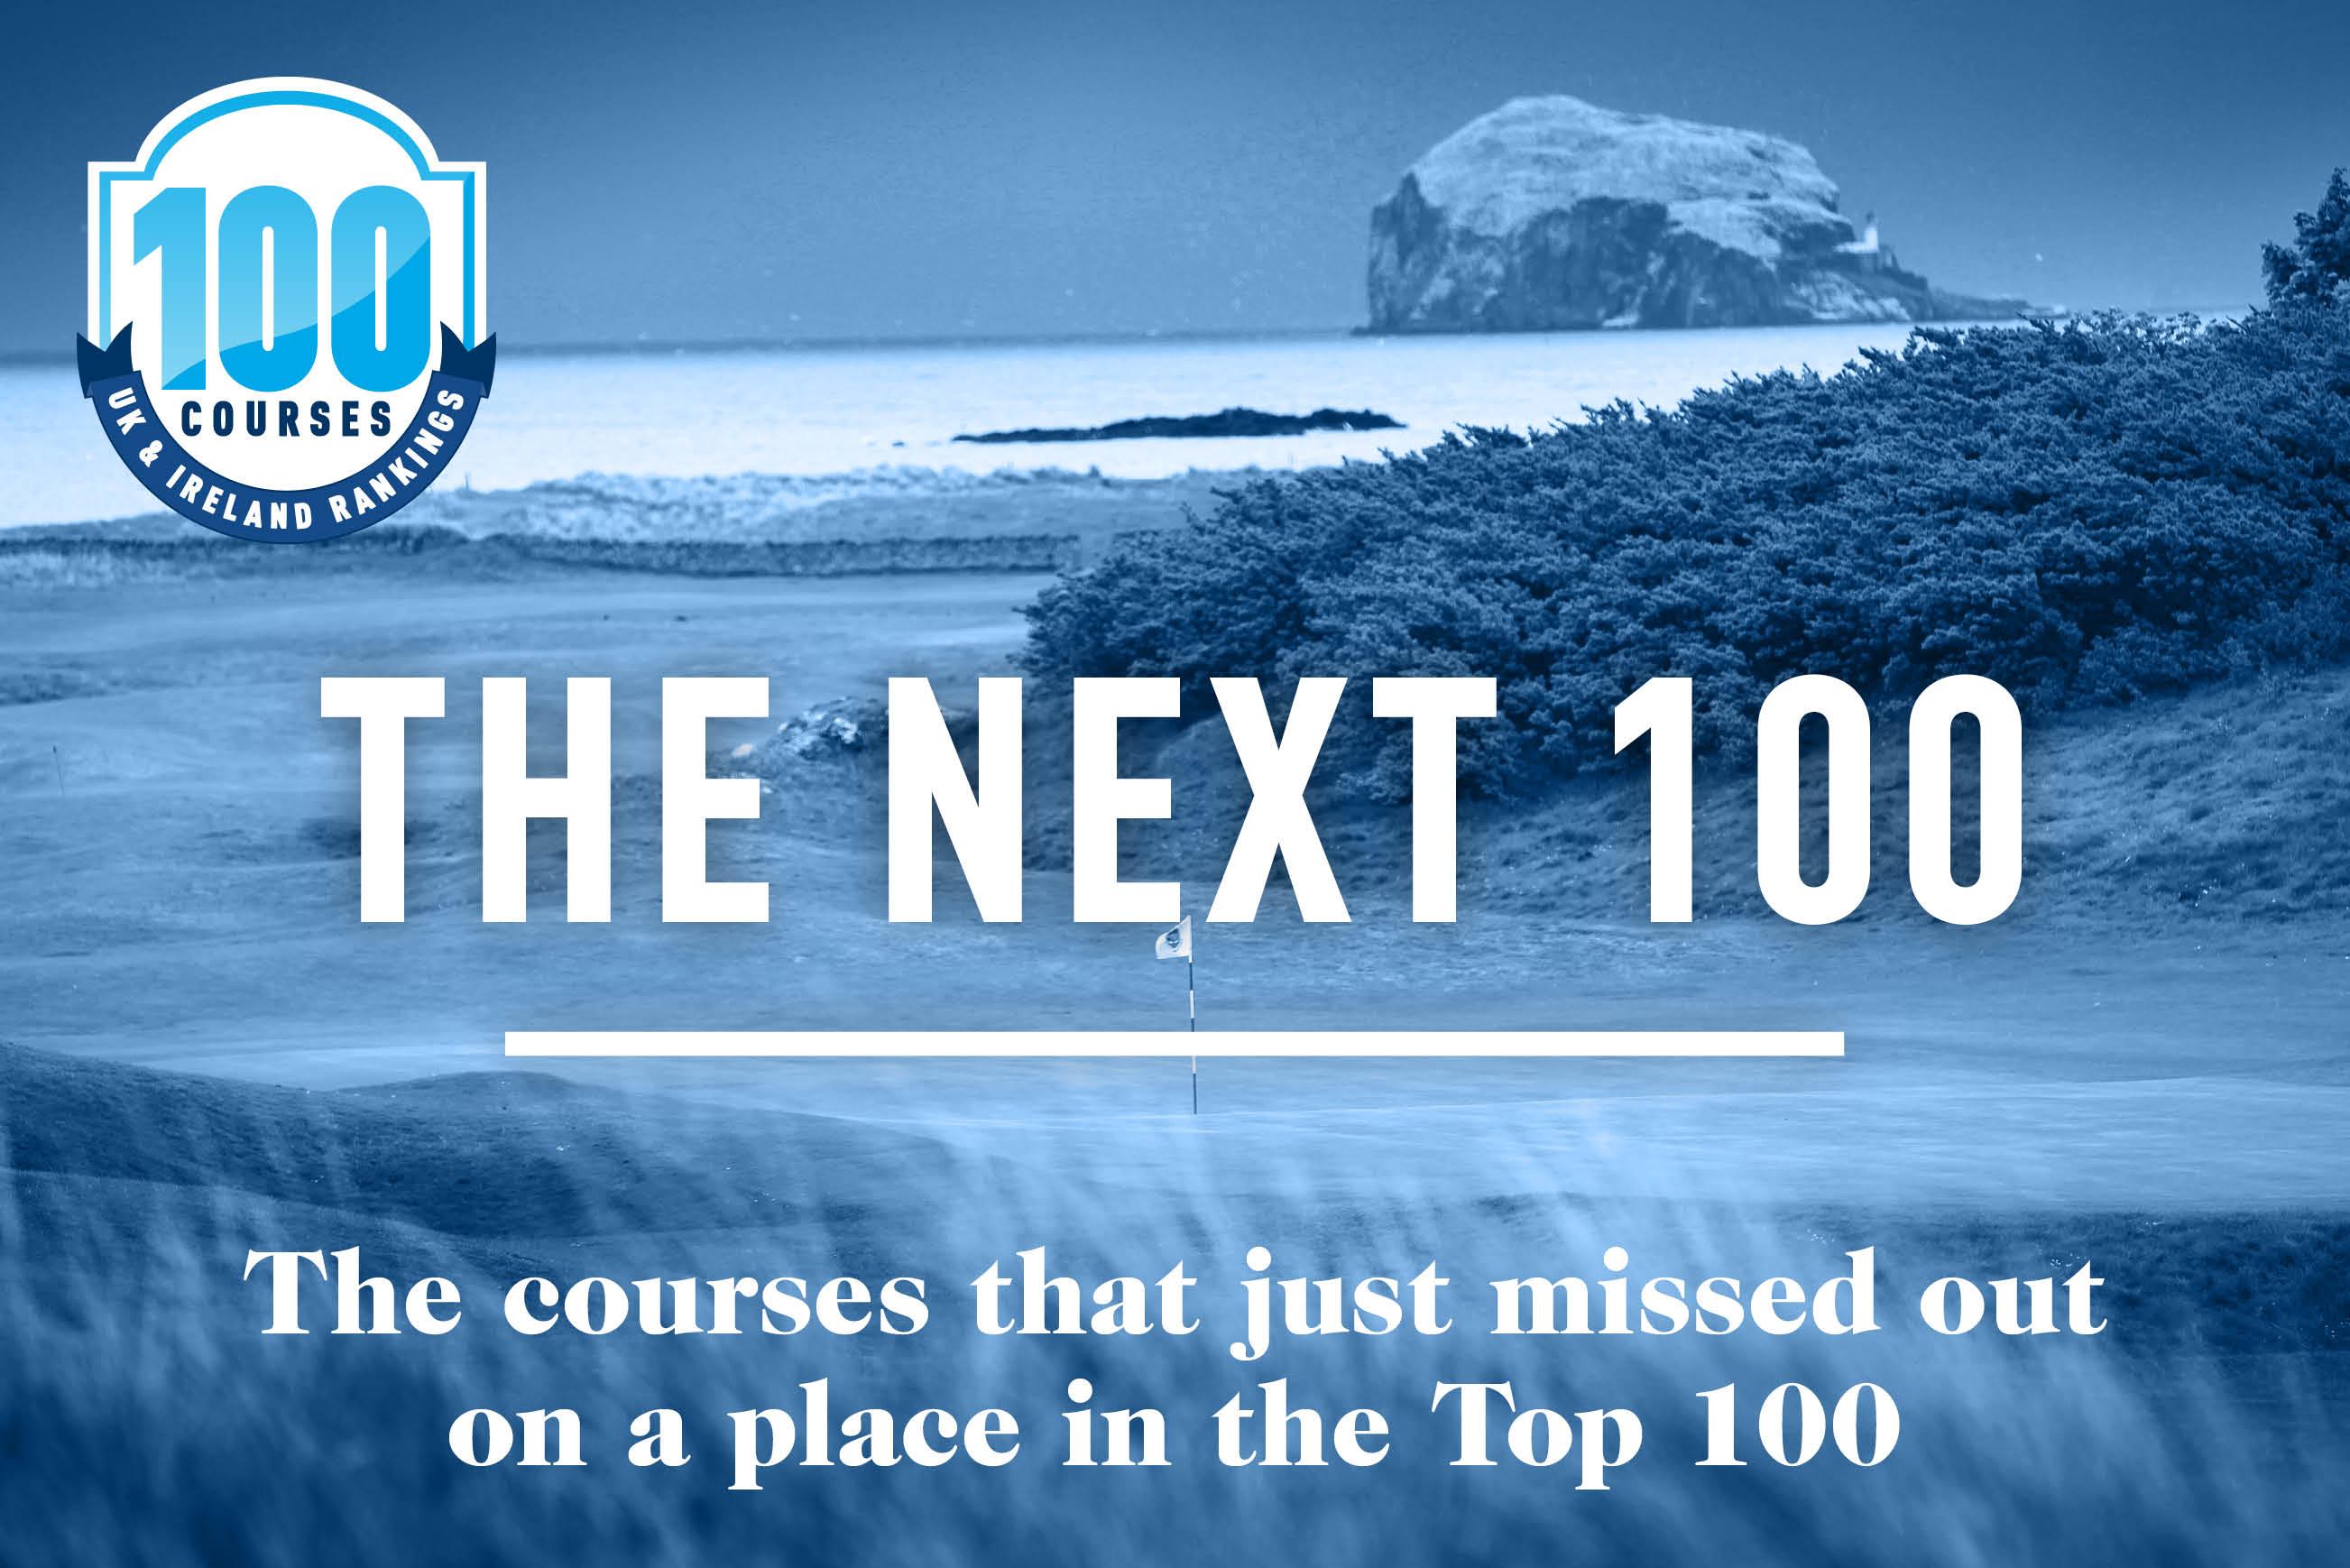 Next Top 100